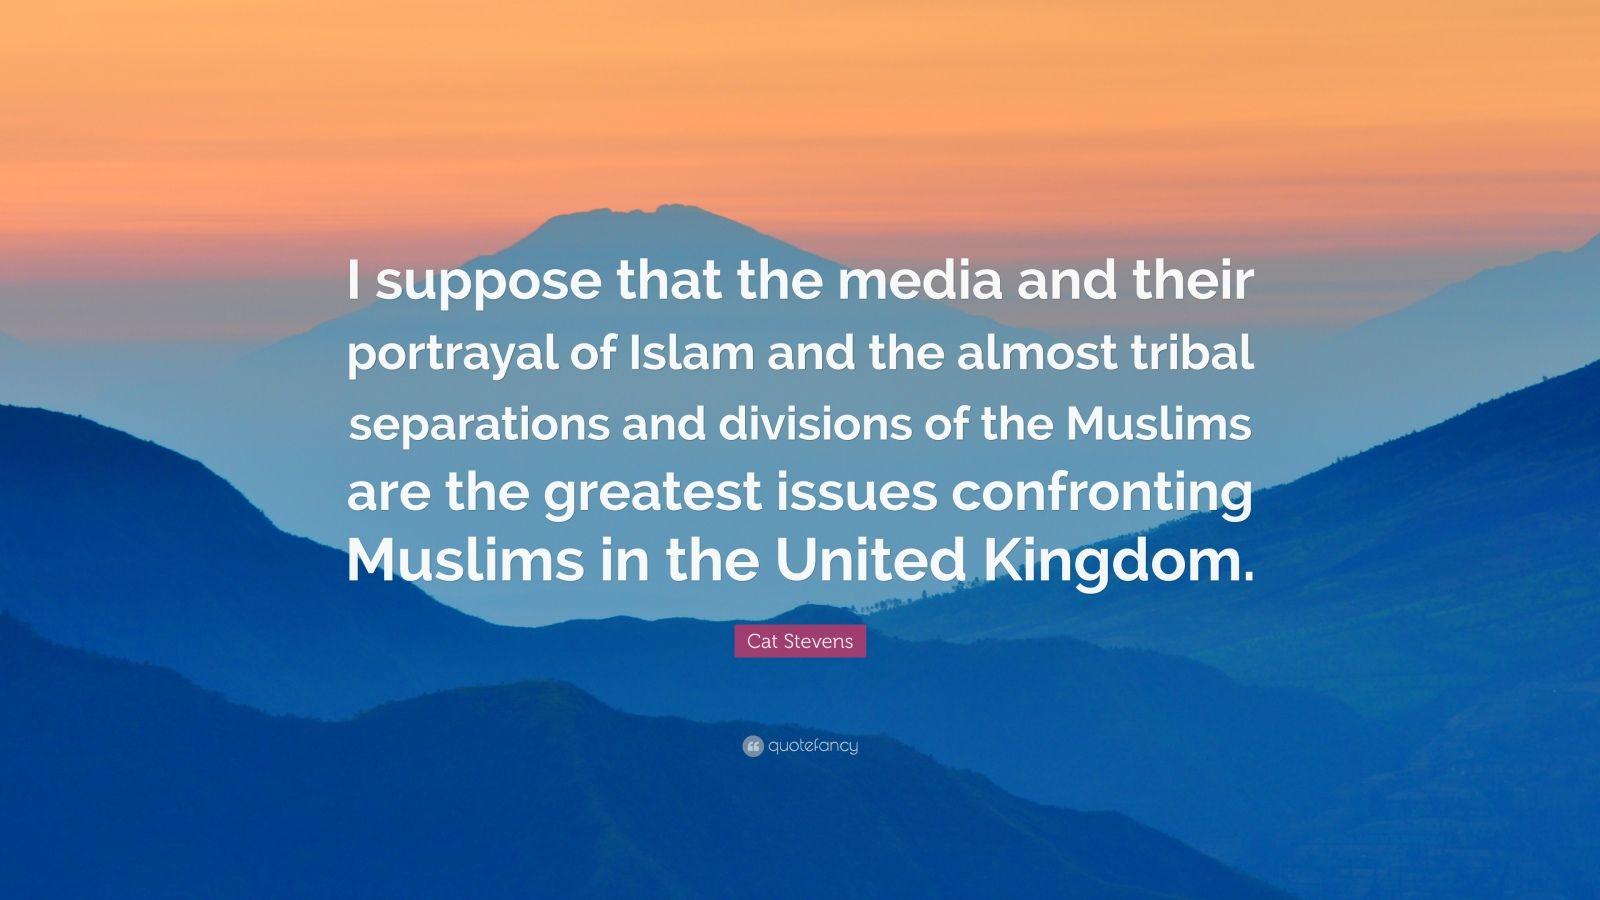 does the media correctly portray islam